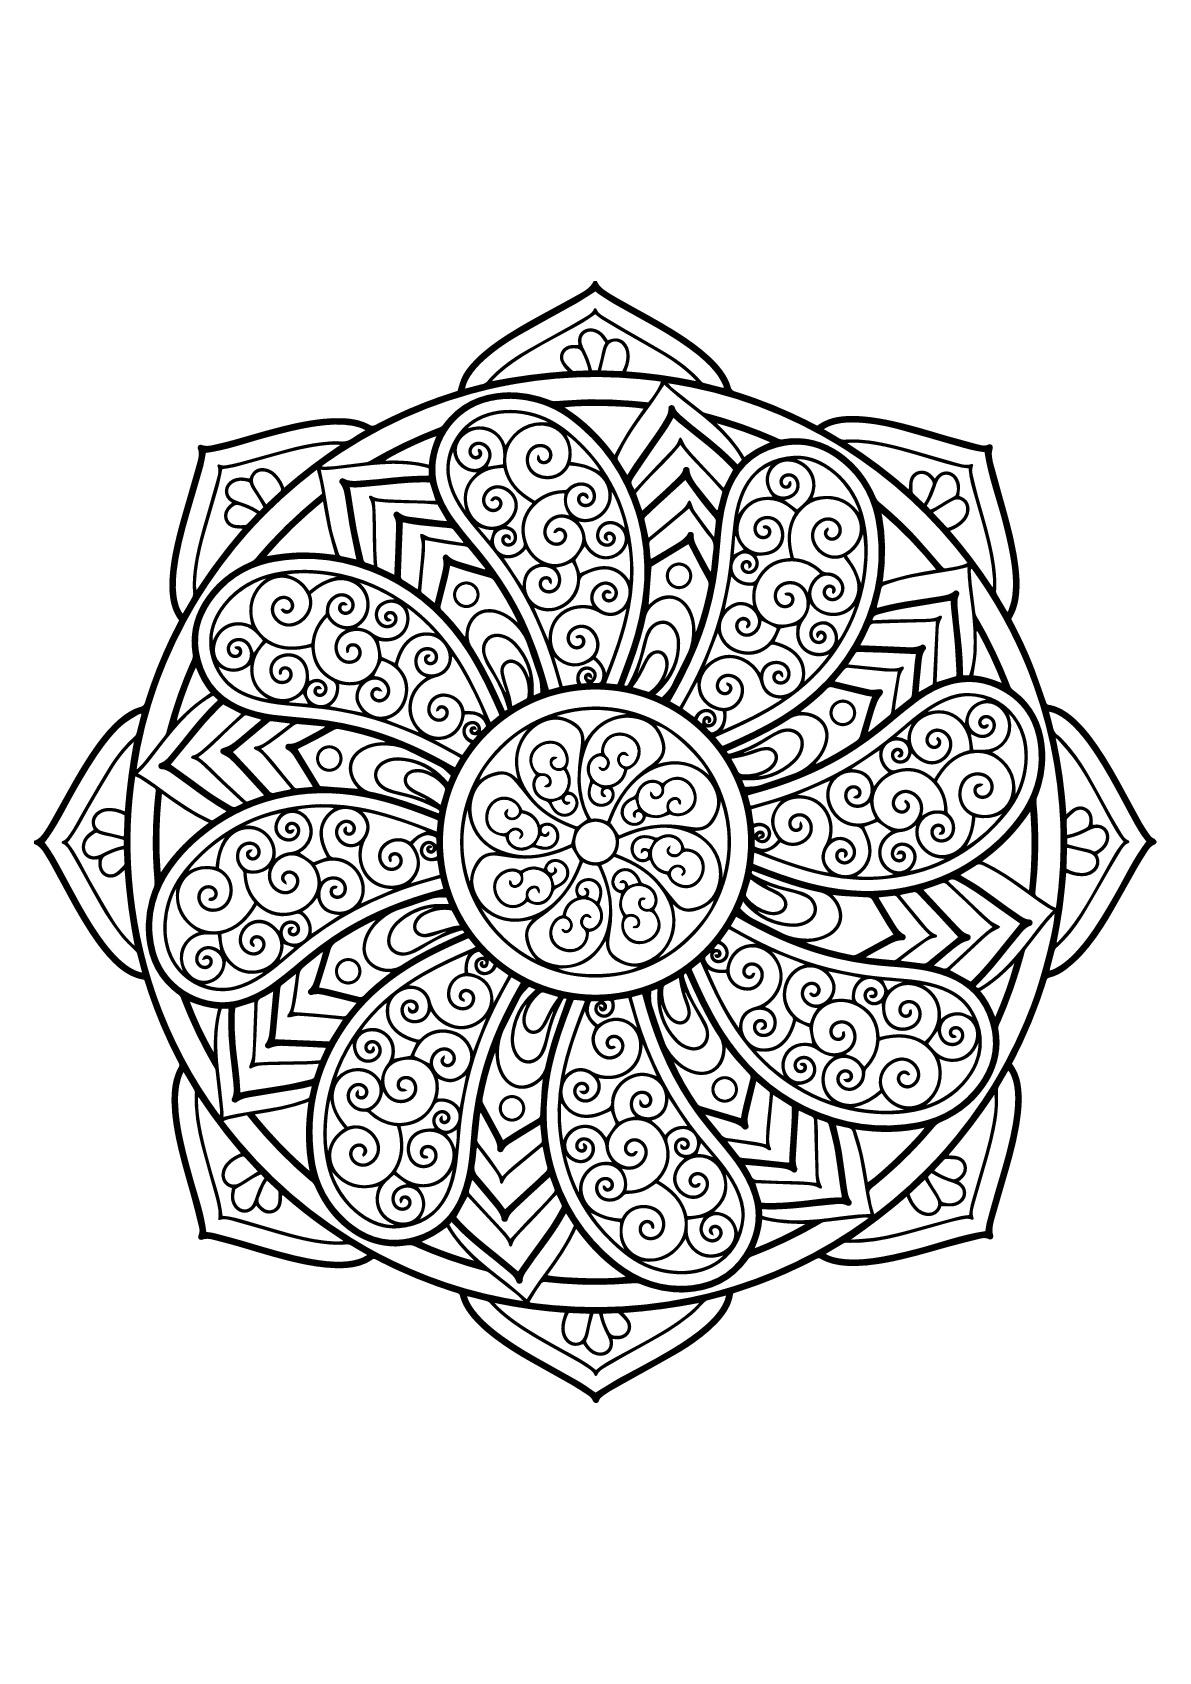 Mandala Livre Gratuit 27 Mandalas Coloriages Difficiles Pour Adultes